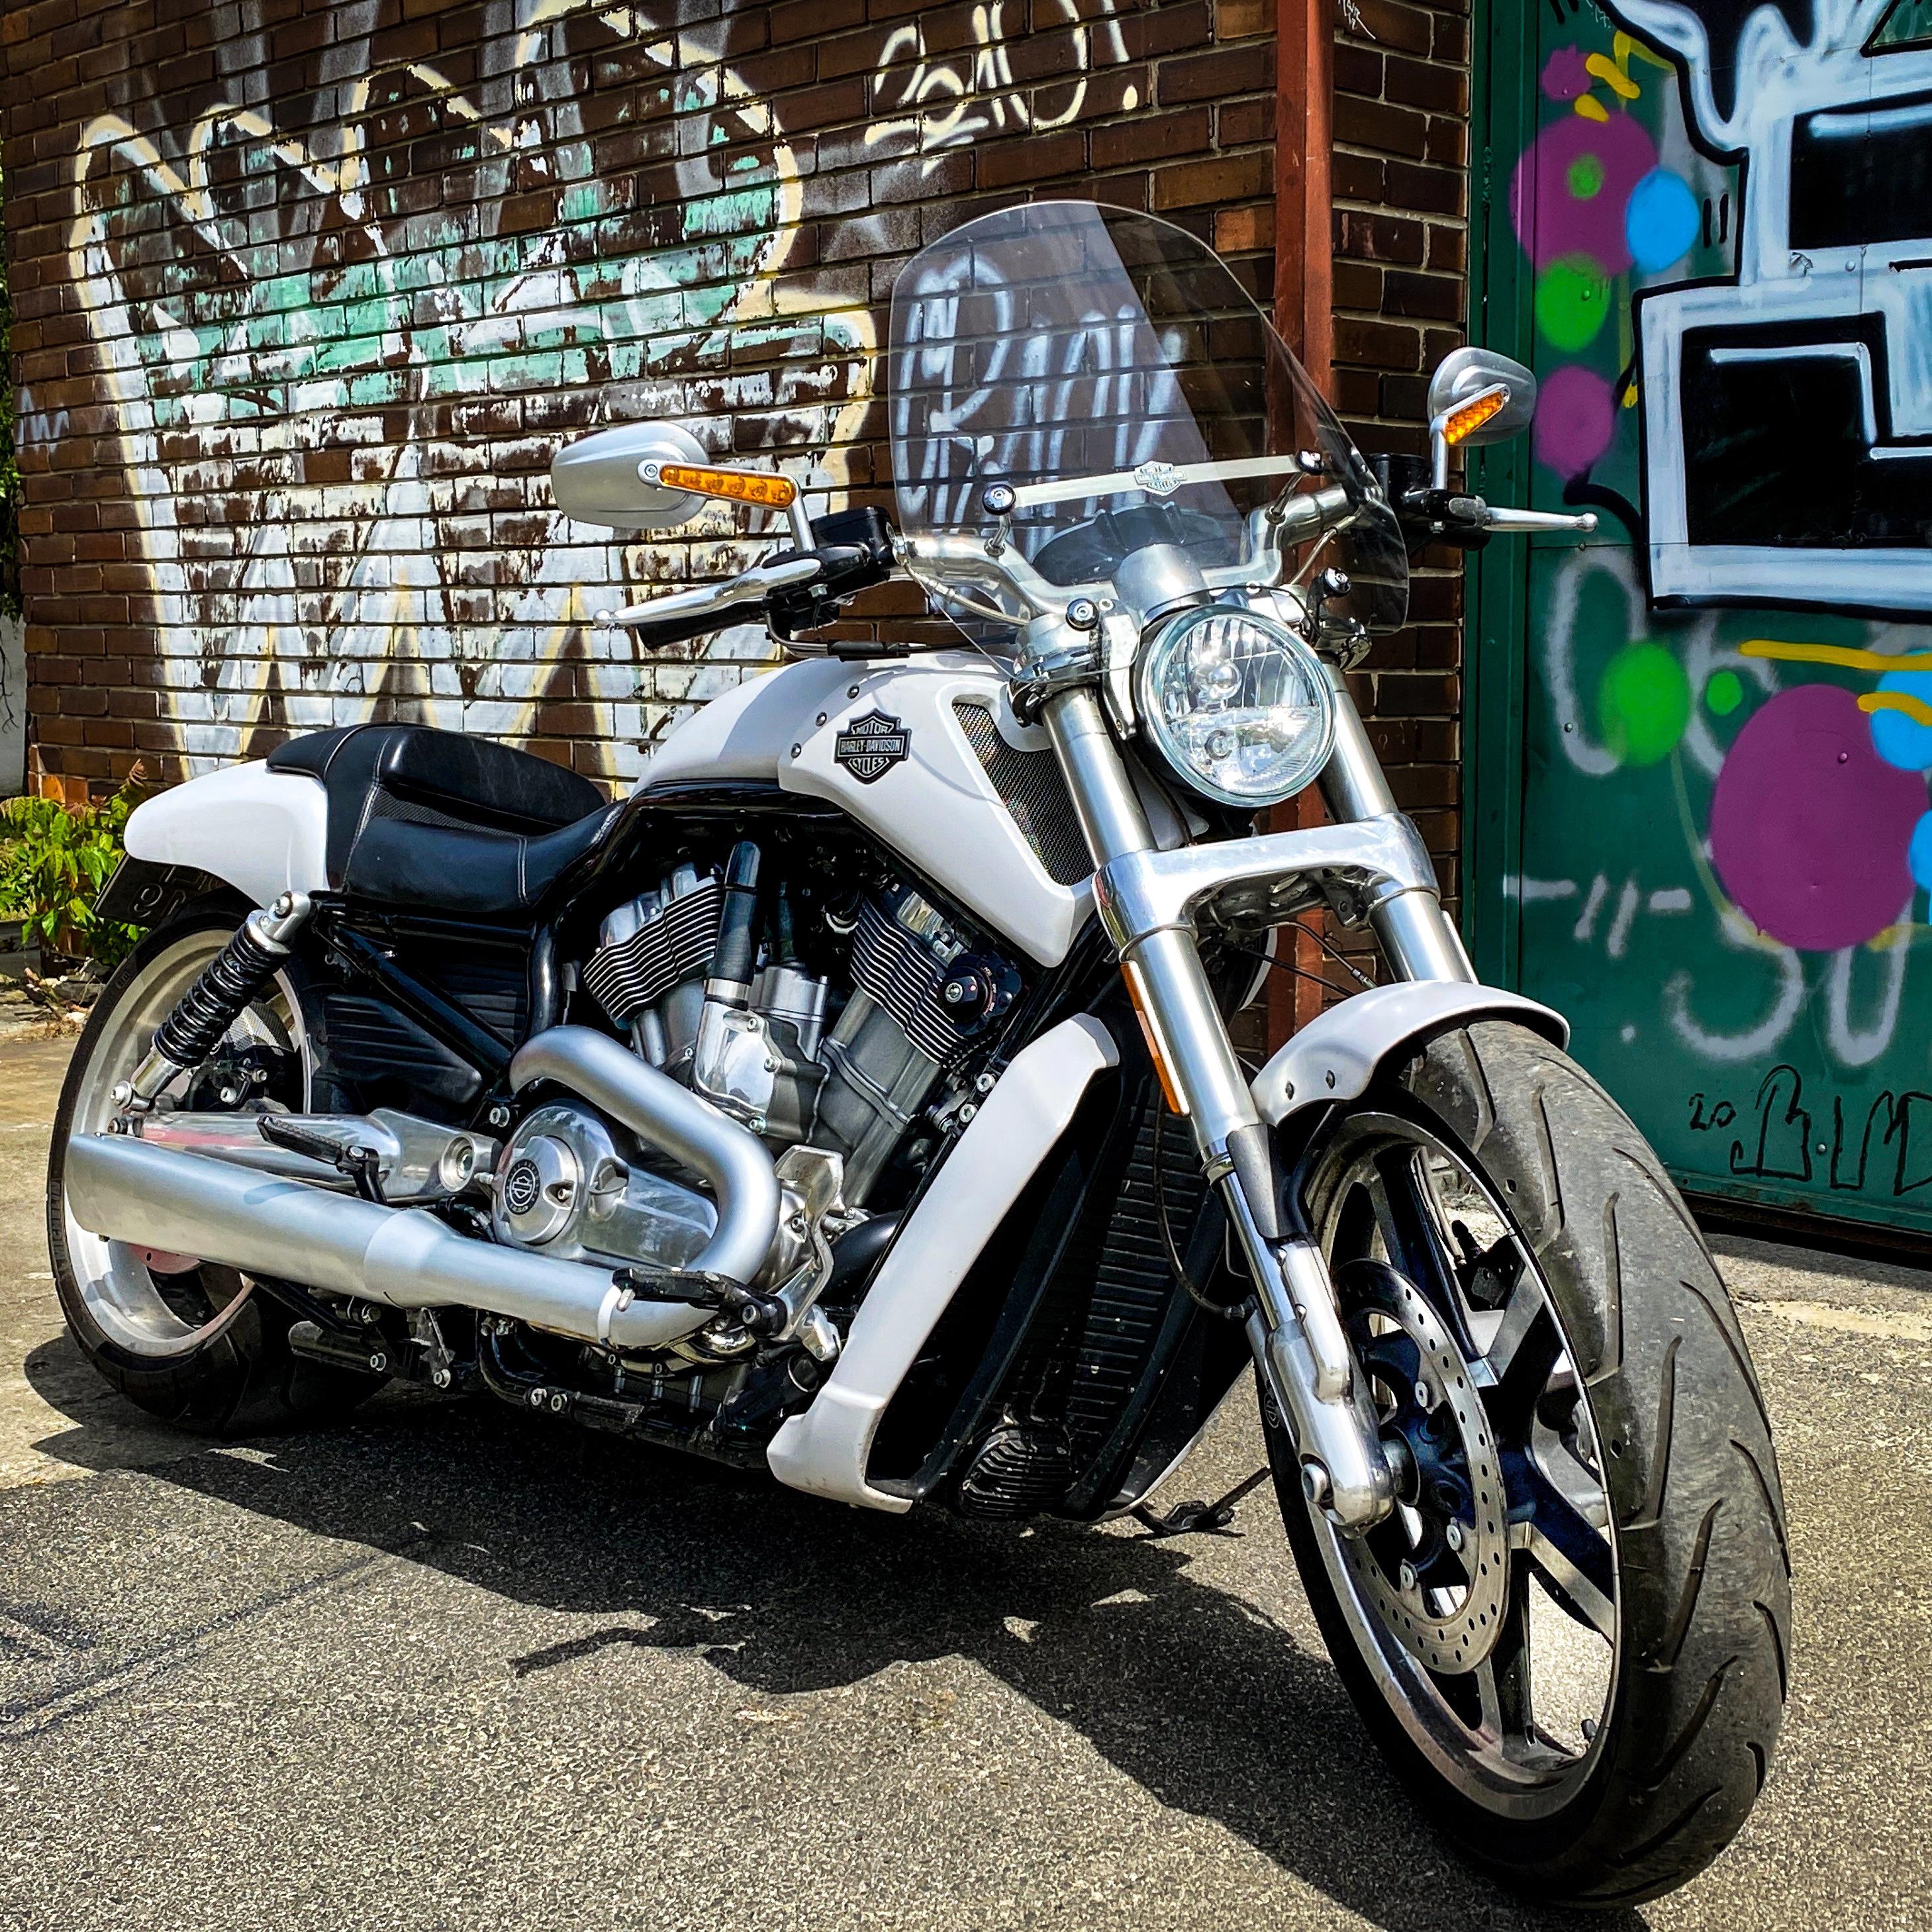 Vállalkozás: Ez utoljára ban fordult elő: veszteség a Harley-Davidsonnál | lugaskonyhak.hu